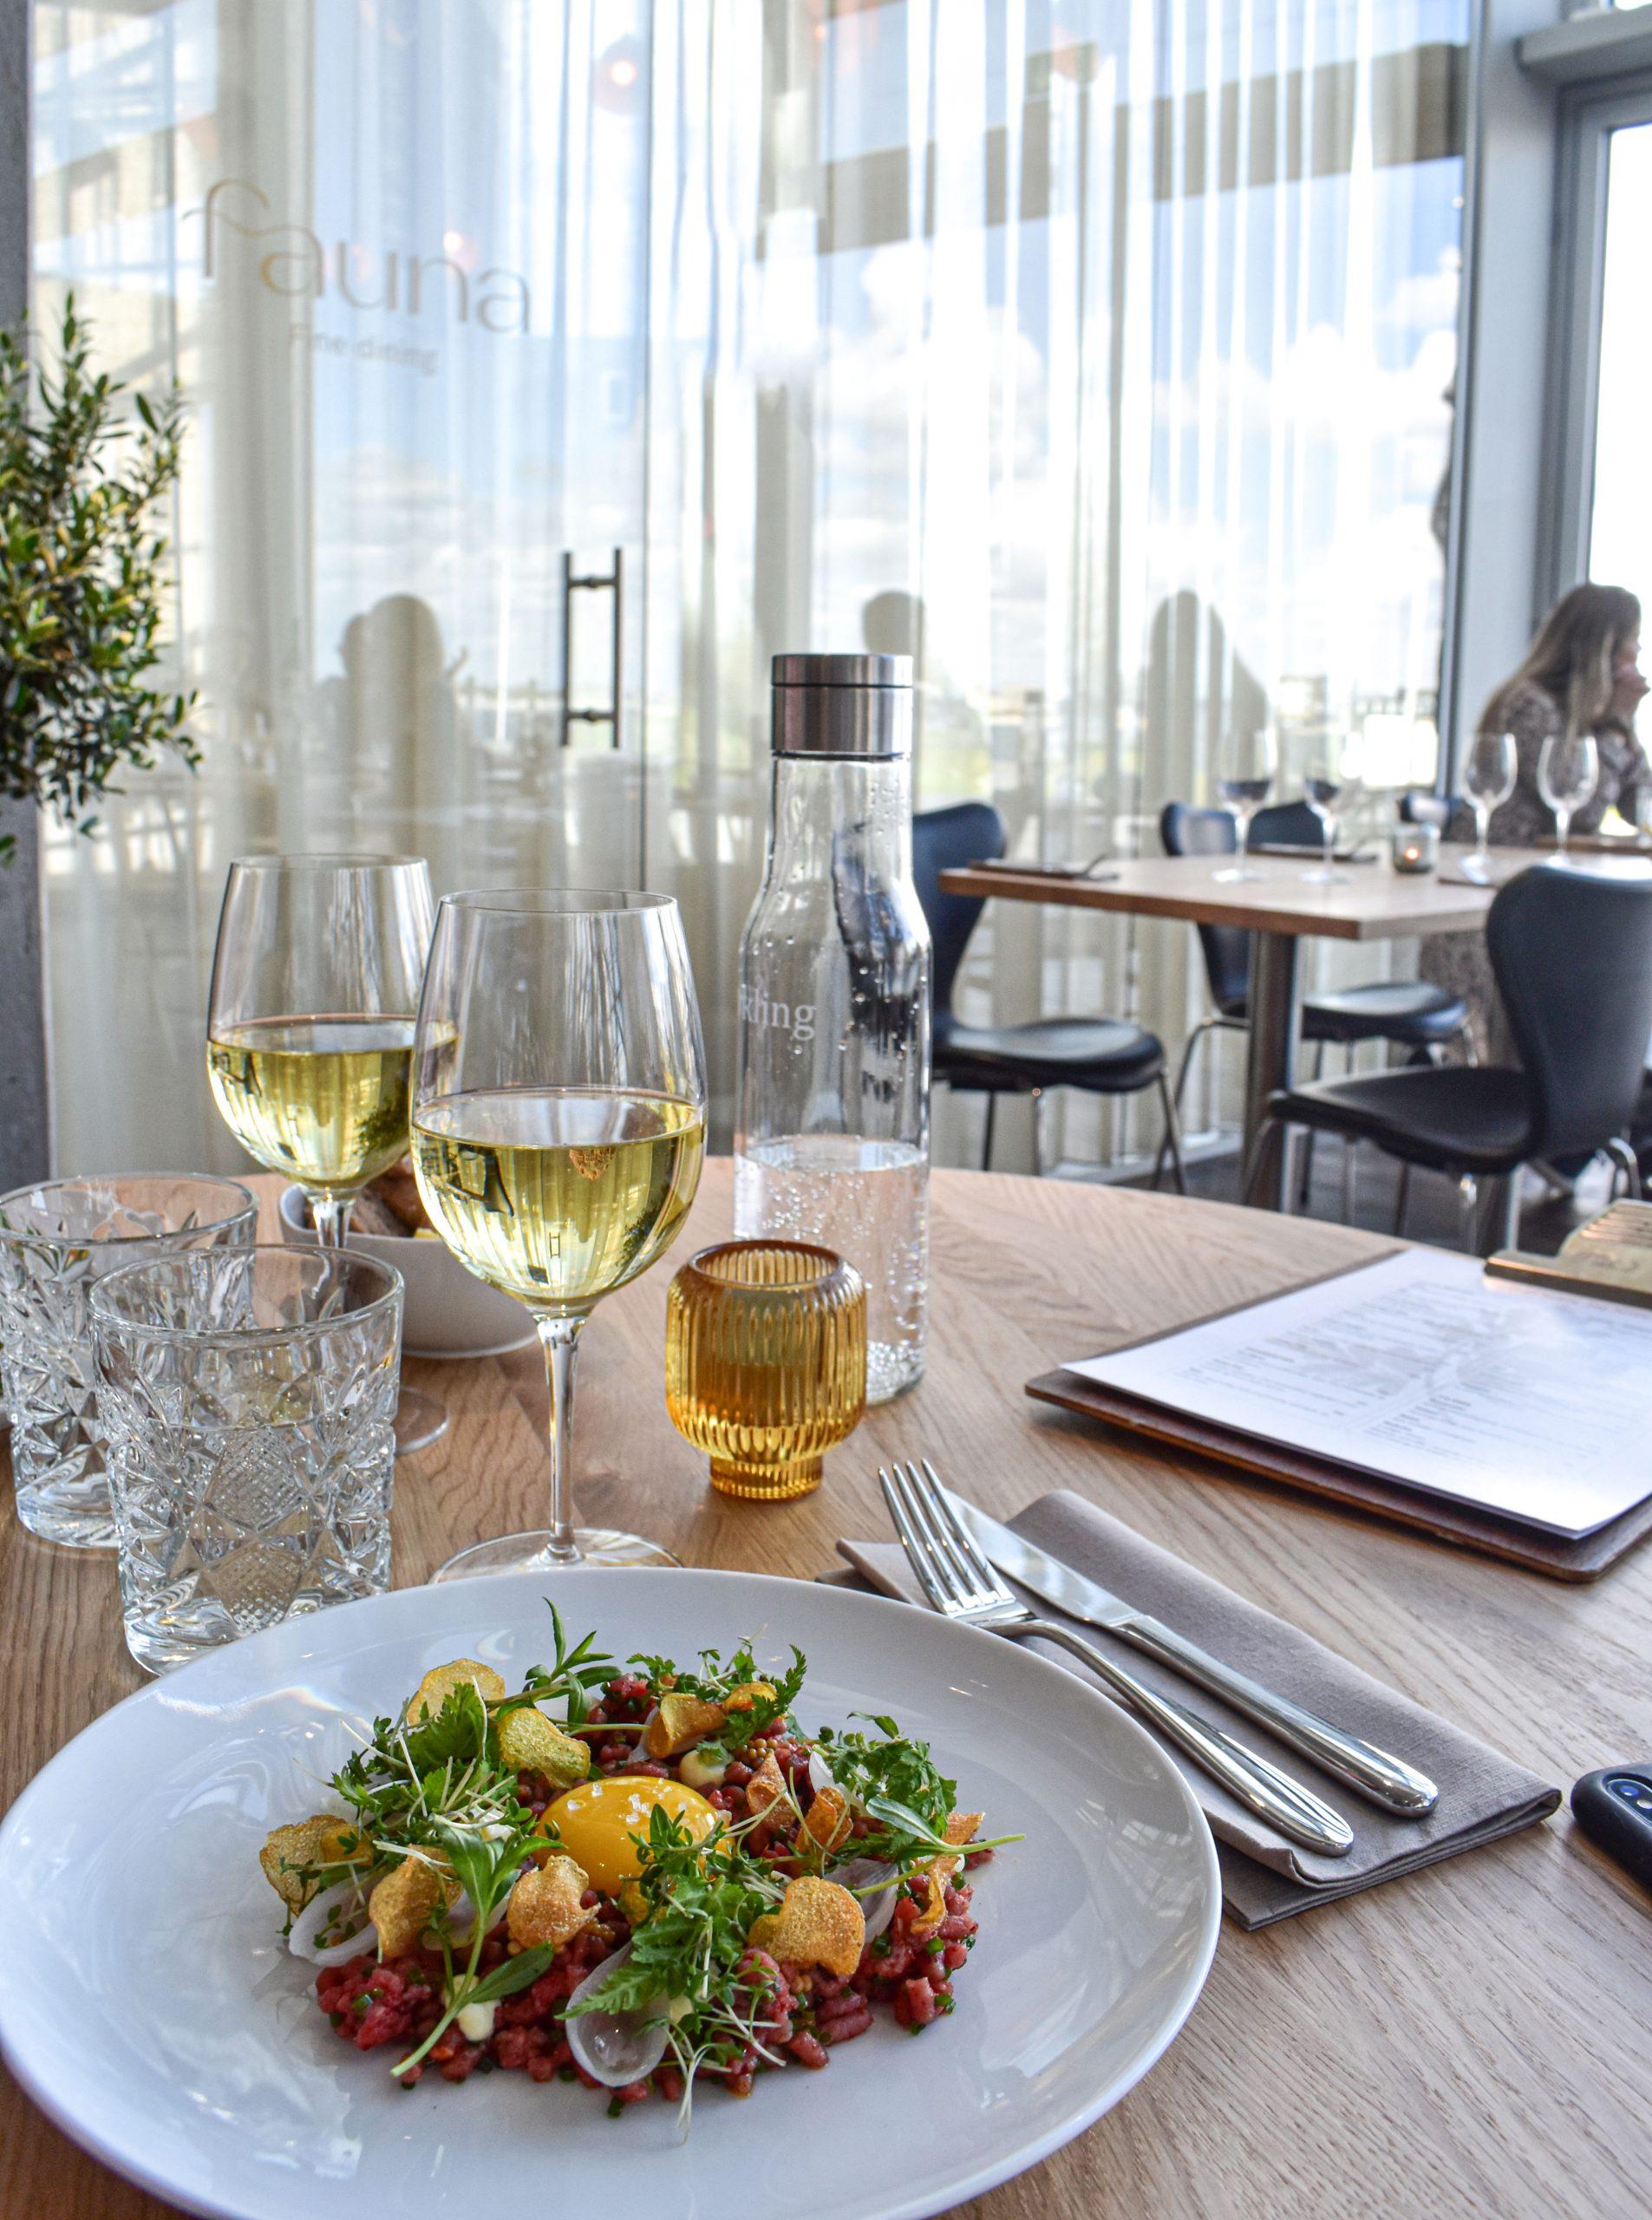 Enkle retter til gode priser: Aalborgs nye Spisebar er åbnet